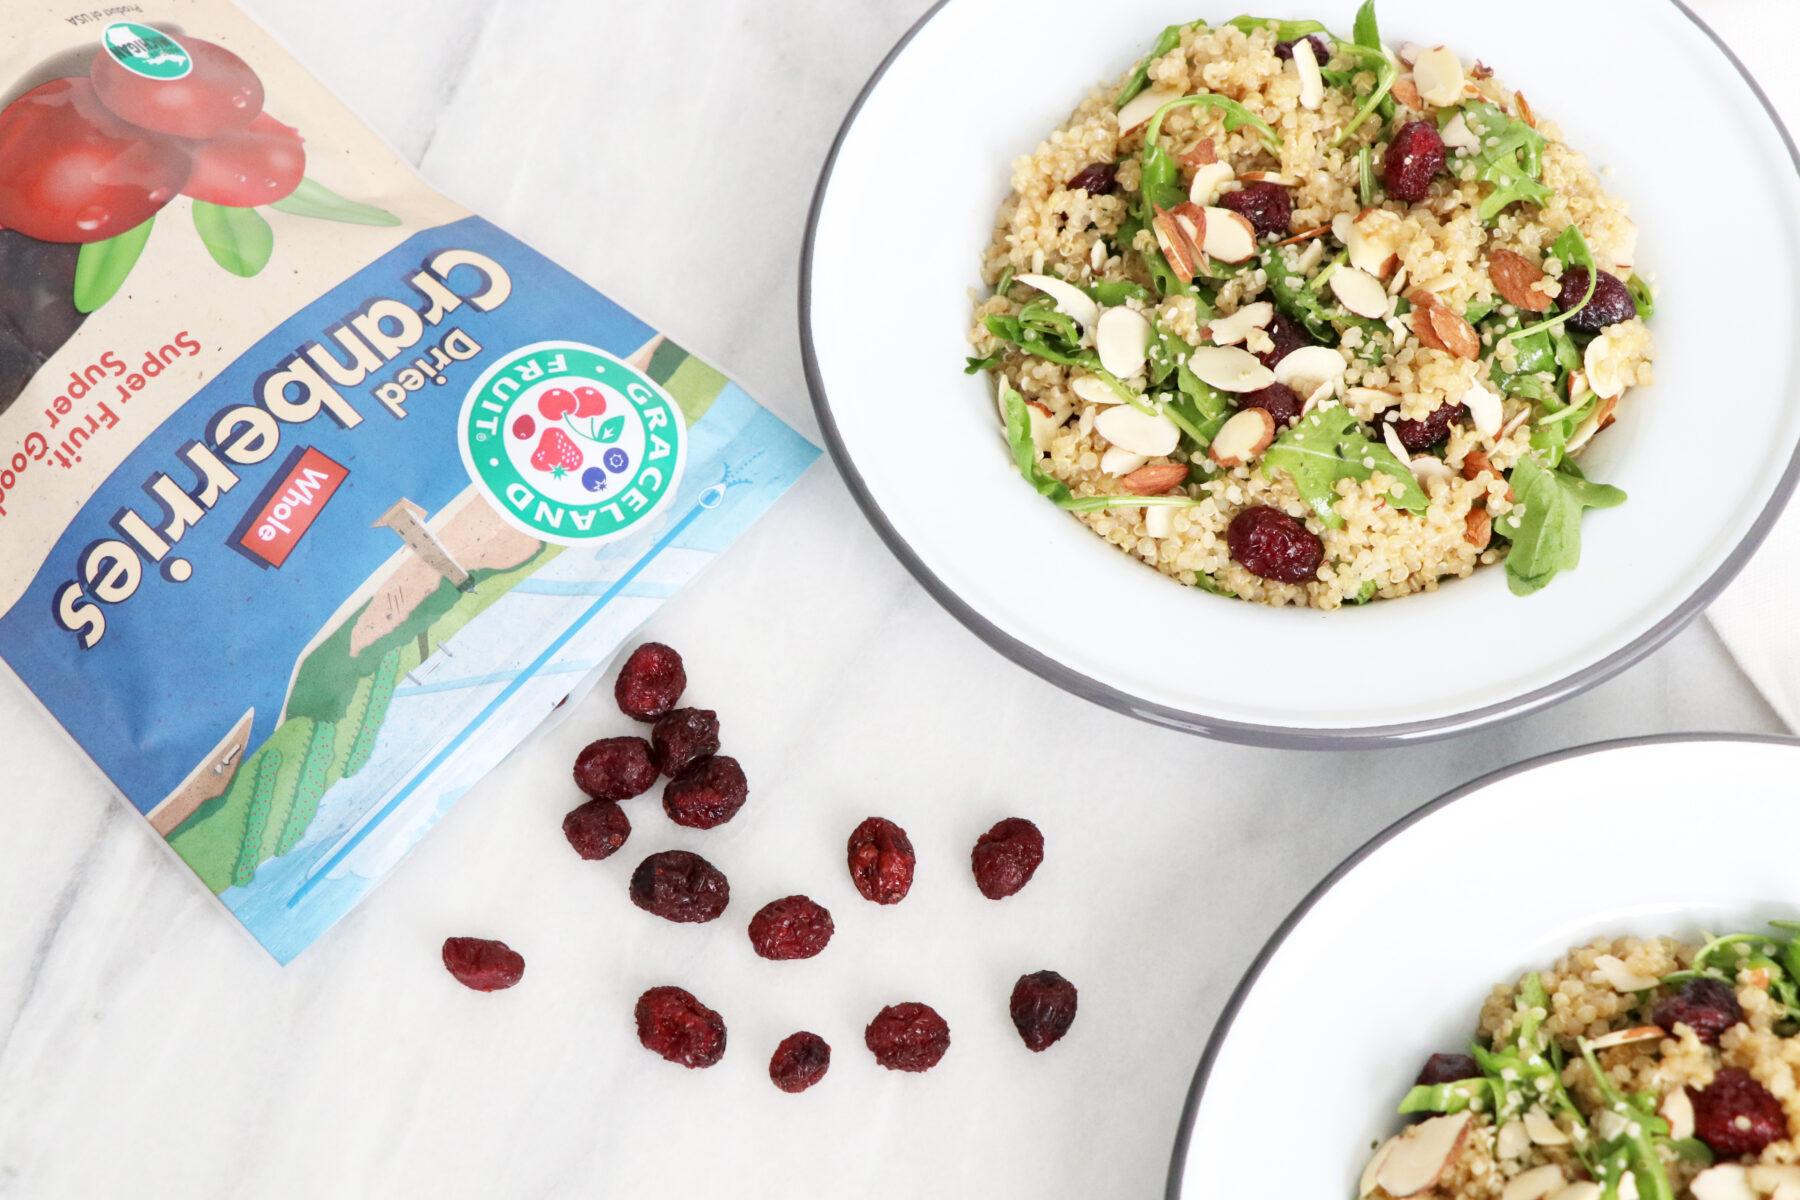 Cranberry Quinoa Salad   Quick + Healthy Recipe   HealthyGroceryGirl.com